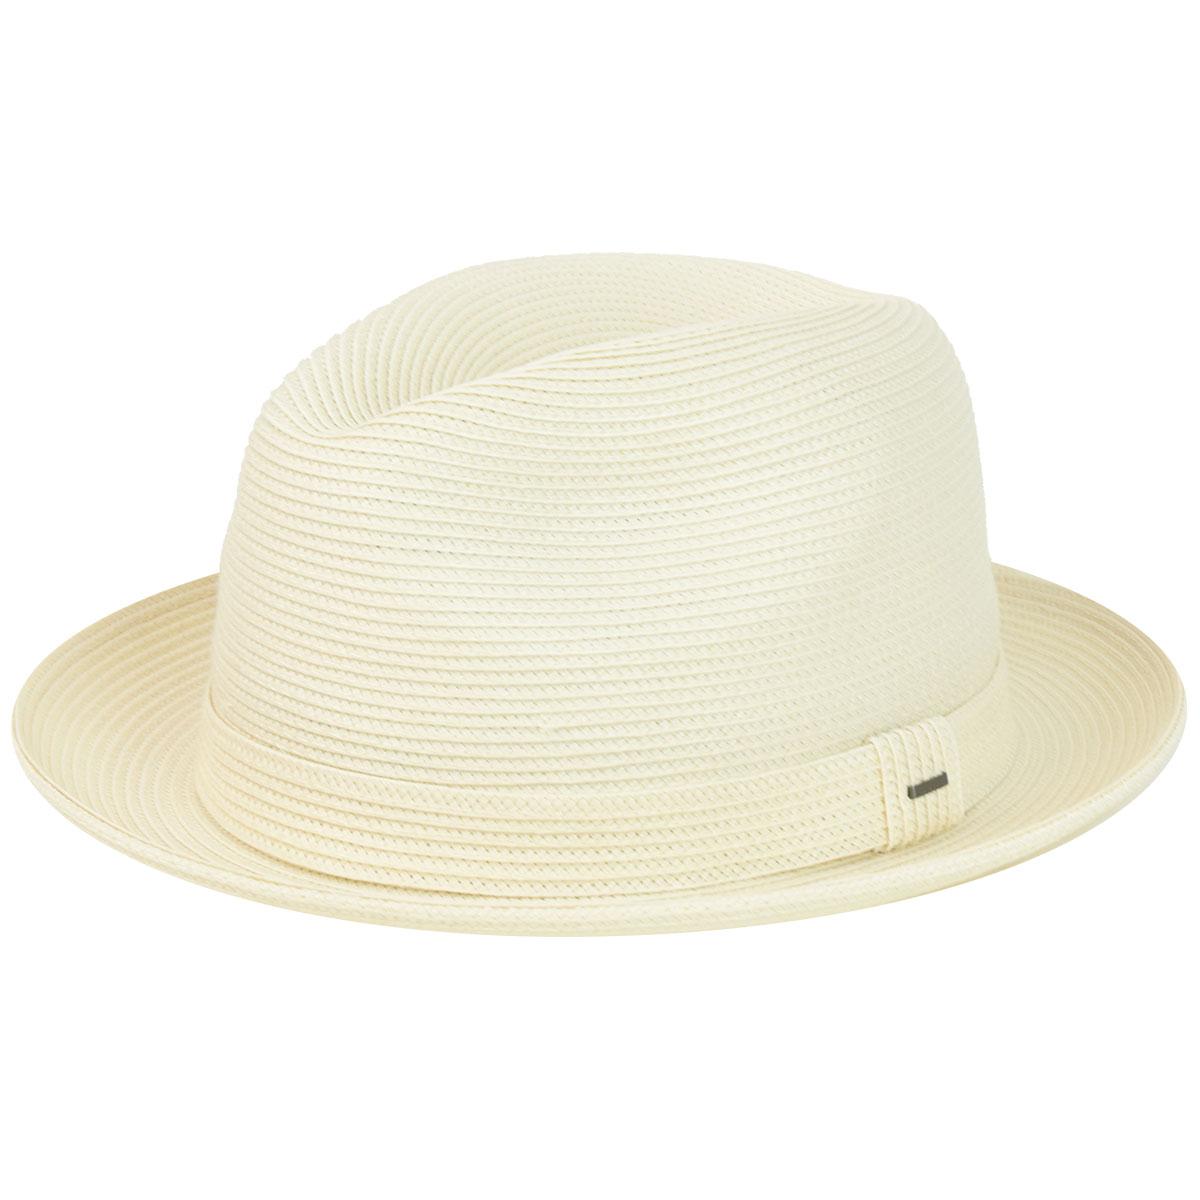 1950s Mens Hats | 50s Vintage Men's Hats Tate Braided Fedora - Off WhiteM $66.00 AT vintagedancer.com